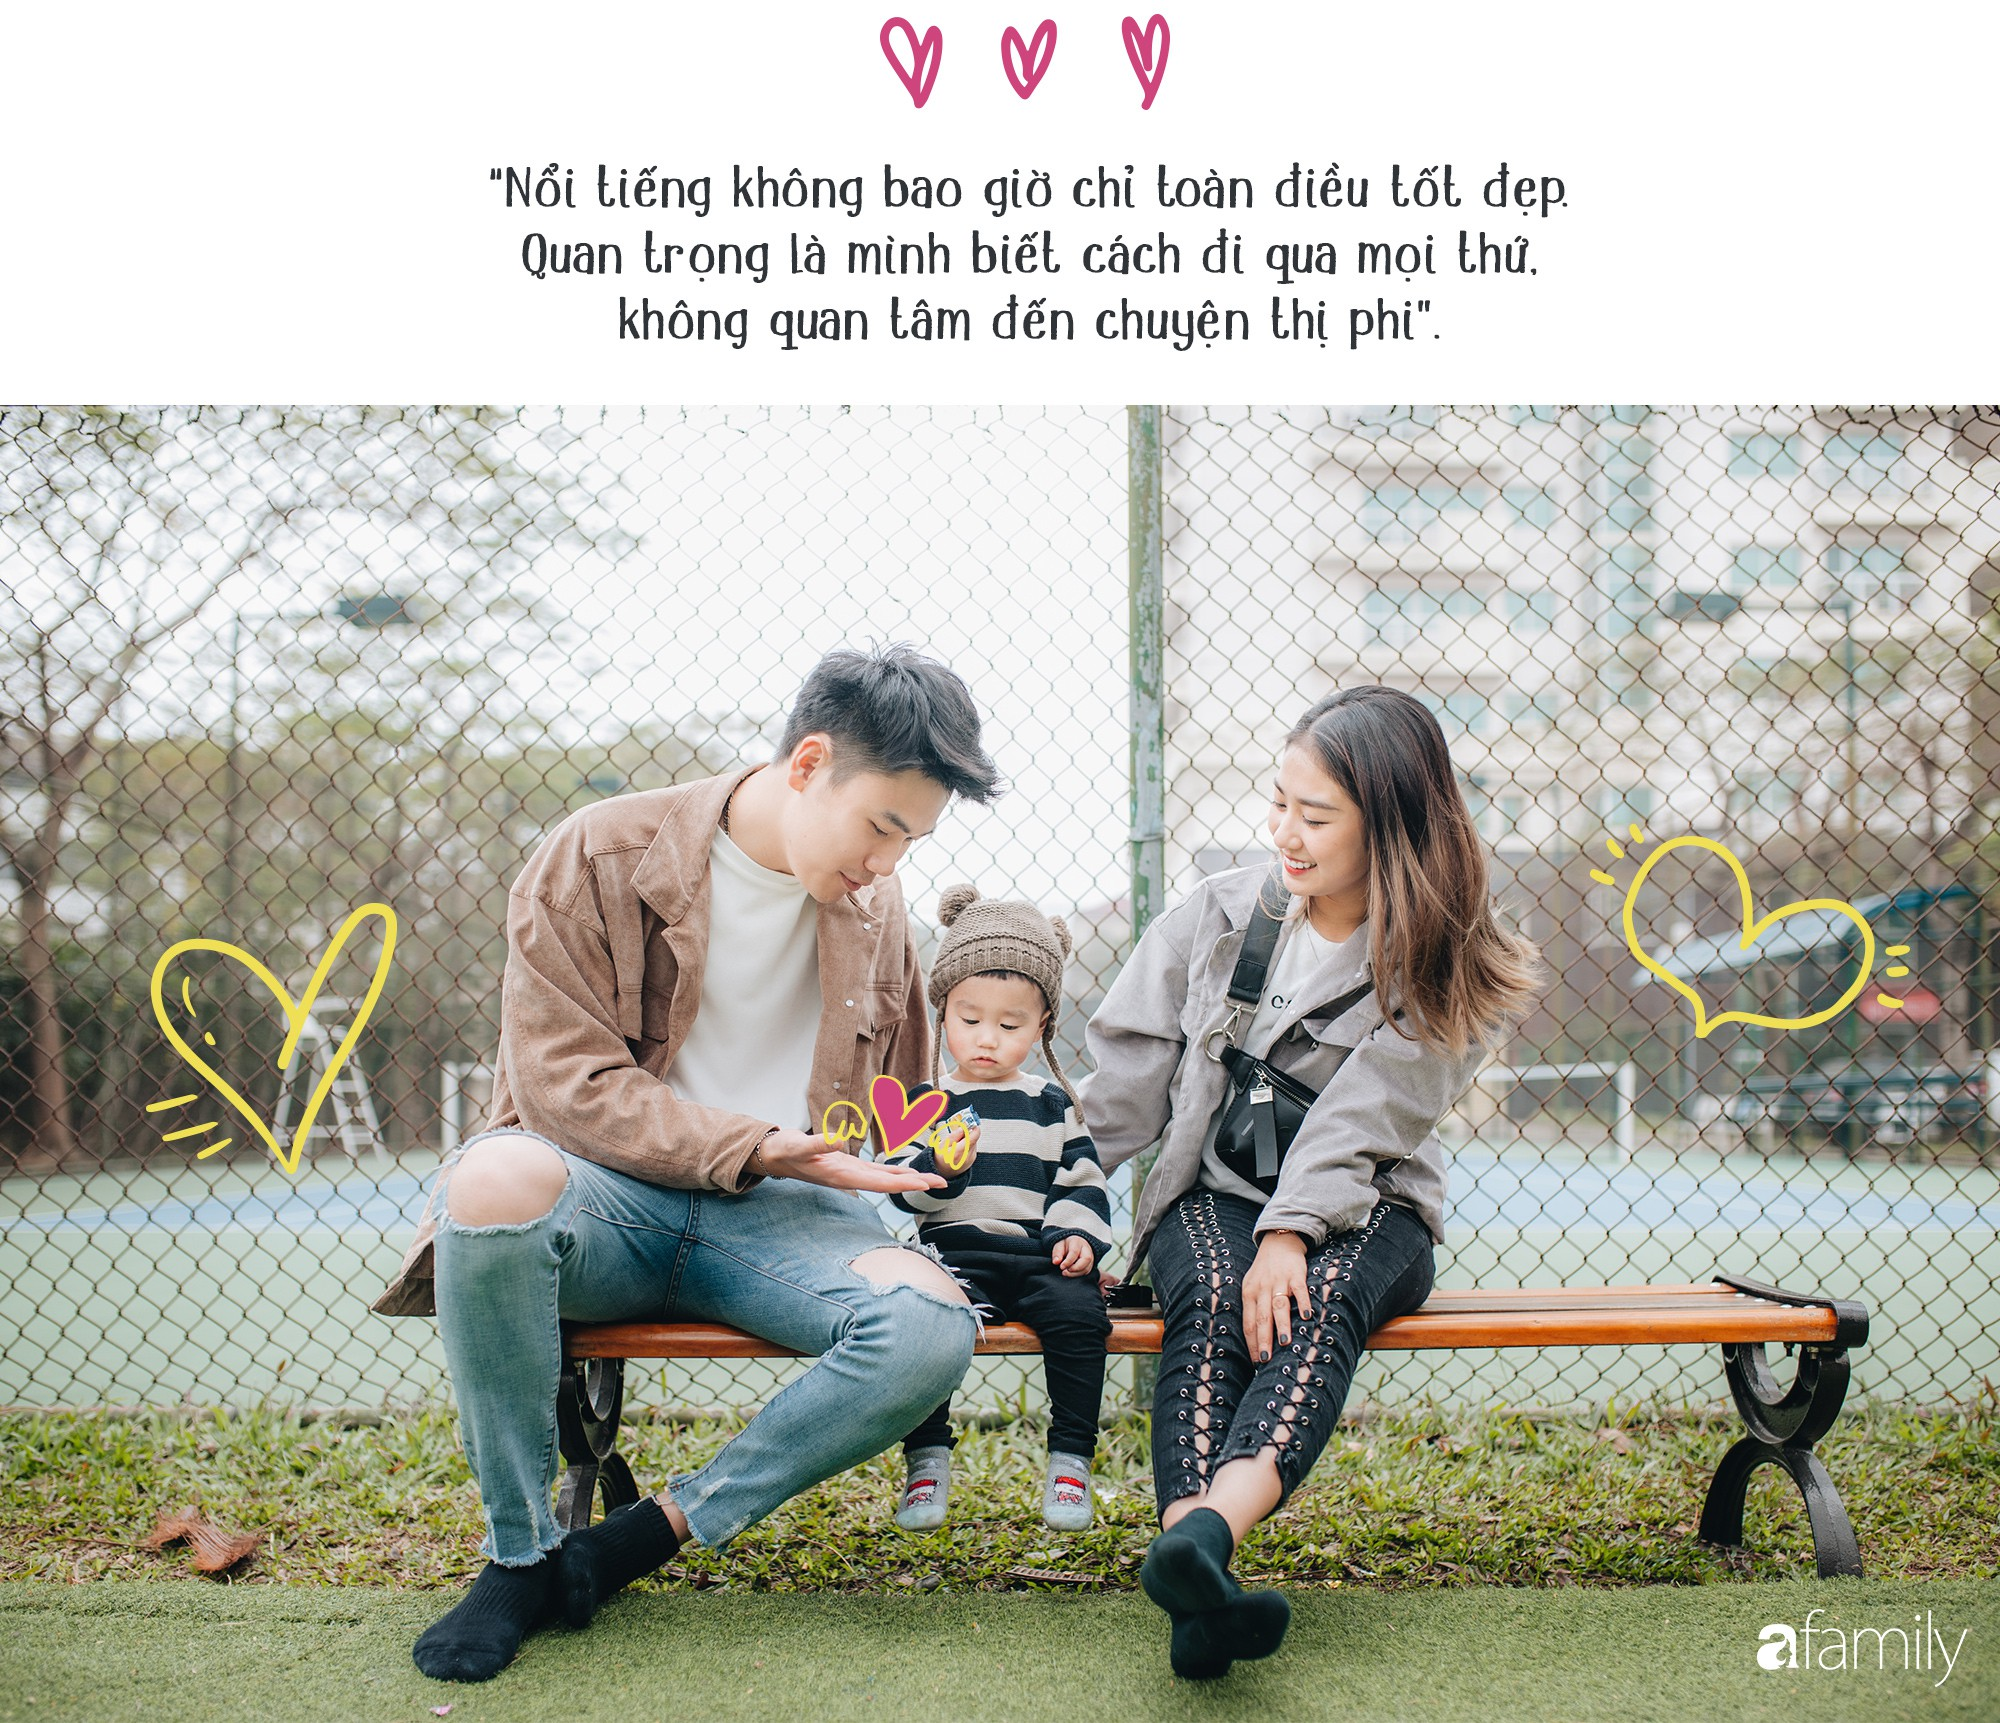 """Hot family Trang Lou & Tùng Sơn: Kết hôn sớm, chúng mình có thêm """"bạn đồng hành"""" nhí để đi khắp thế gian - Ảnh 7."""